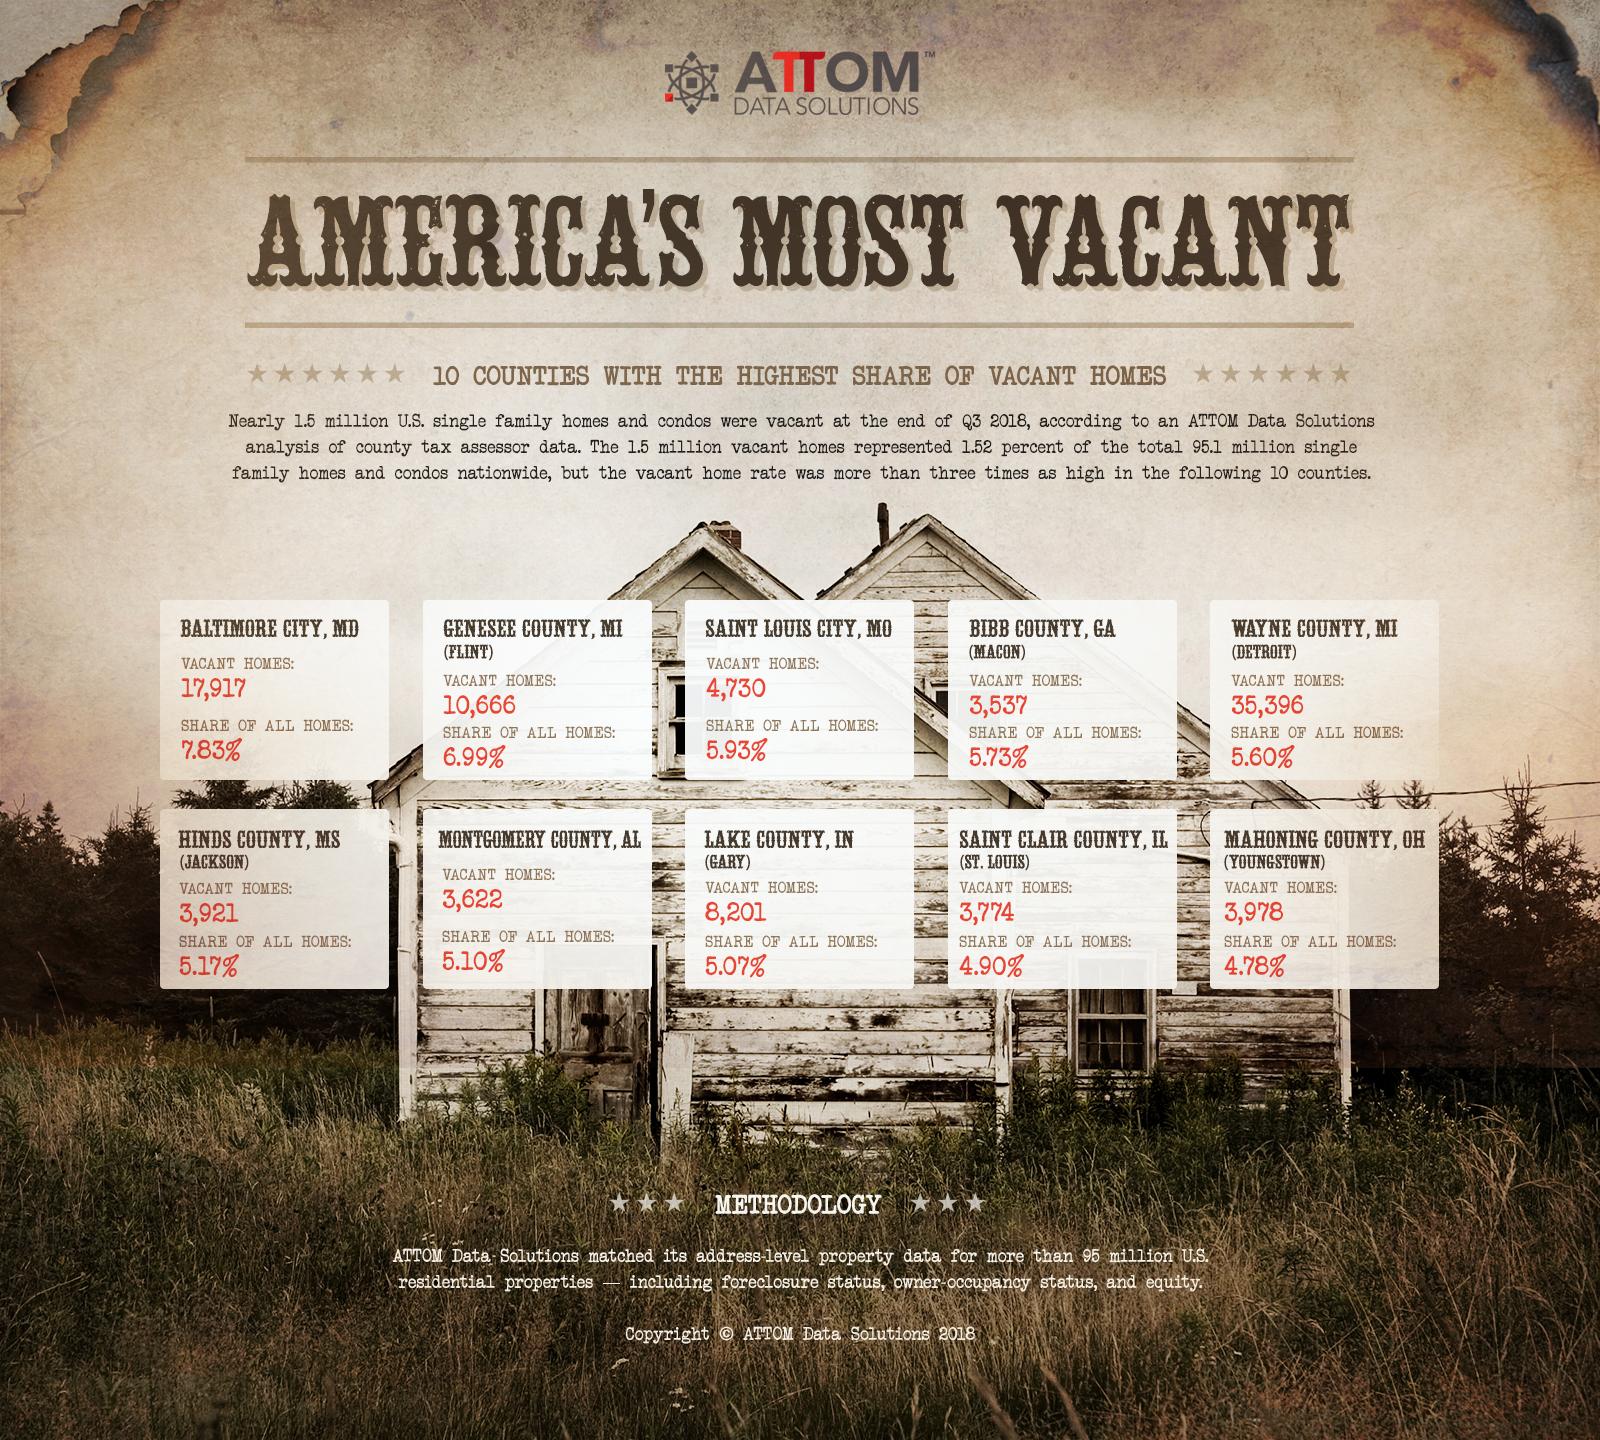 Ten Most Vacant Counties